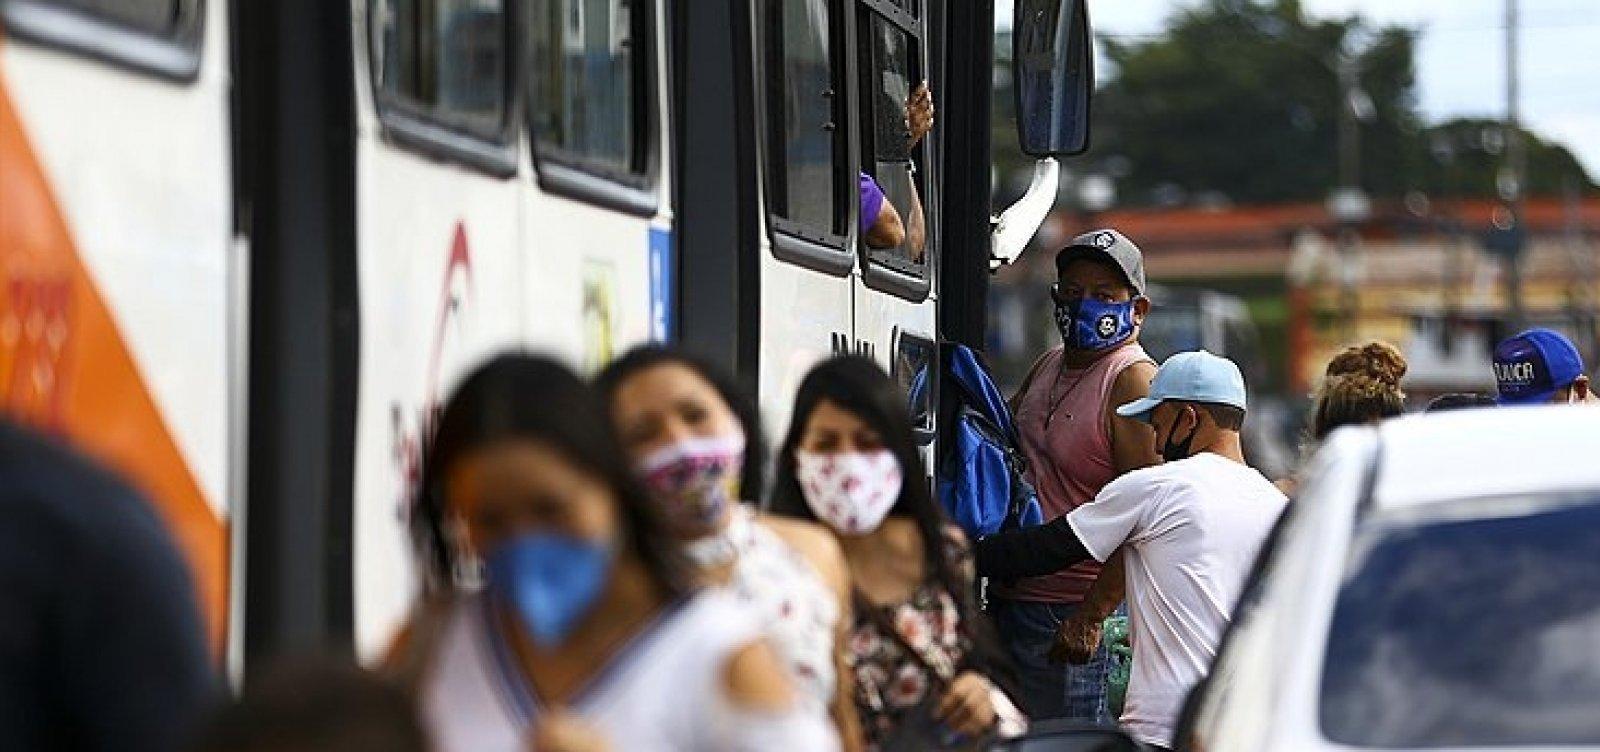 Brasil chega à marca de 500 mil mortes por Covid-19